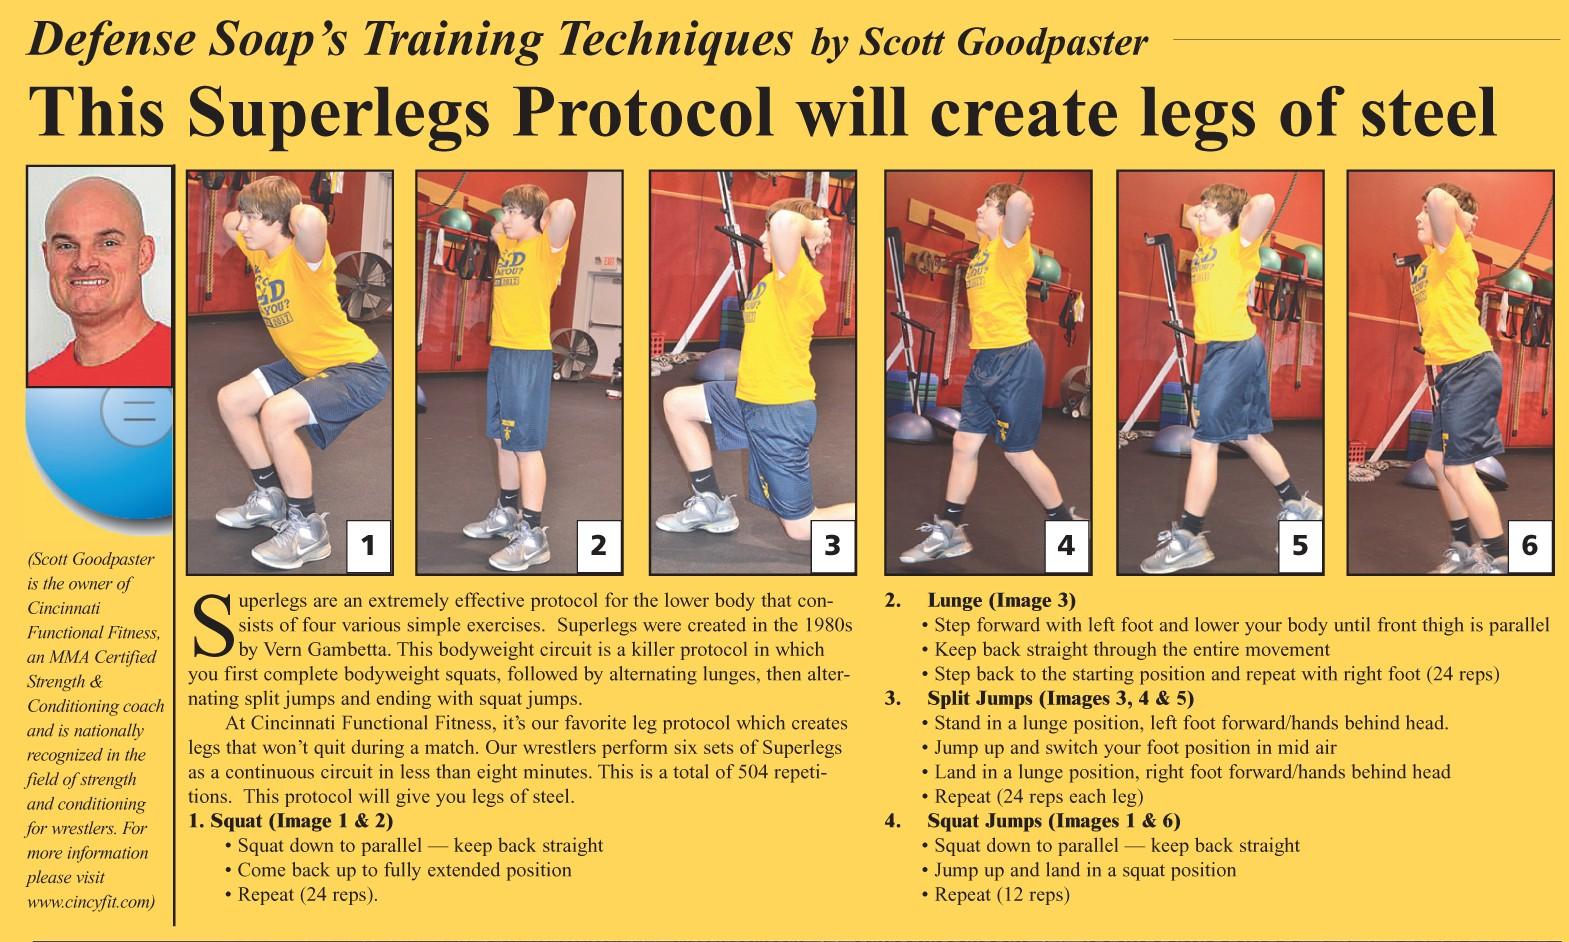 Scott Goodpaster's Unique Training Exercises - WIN Magazine